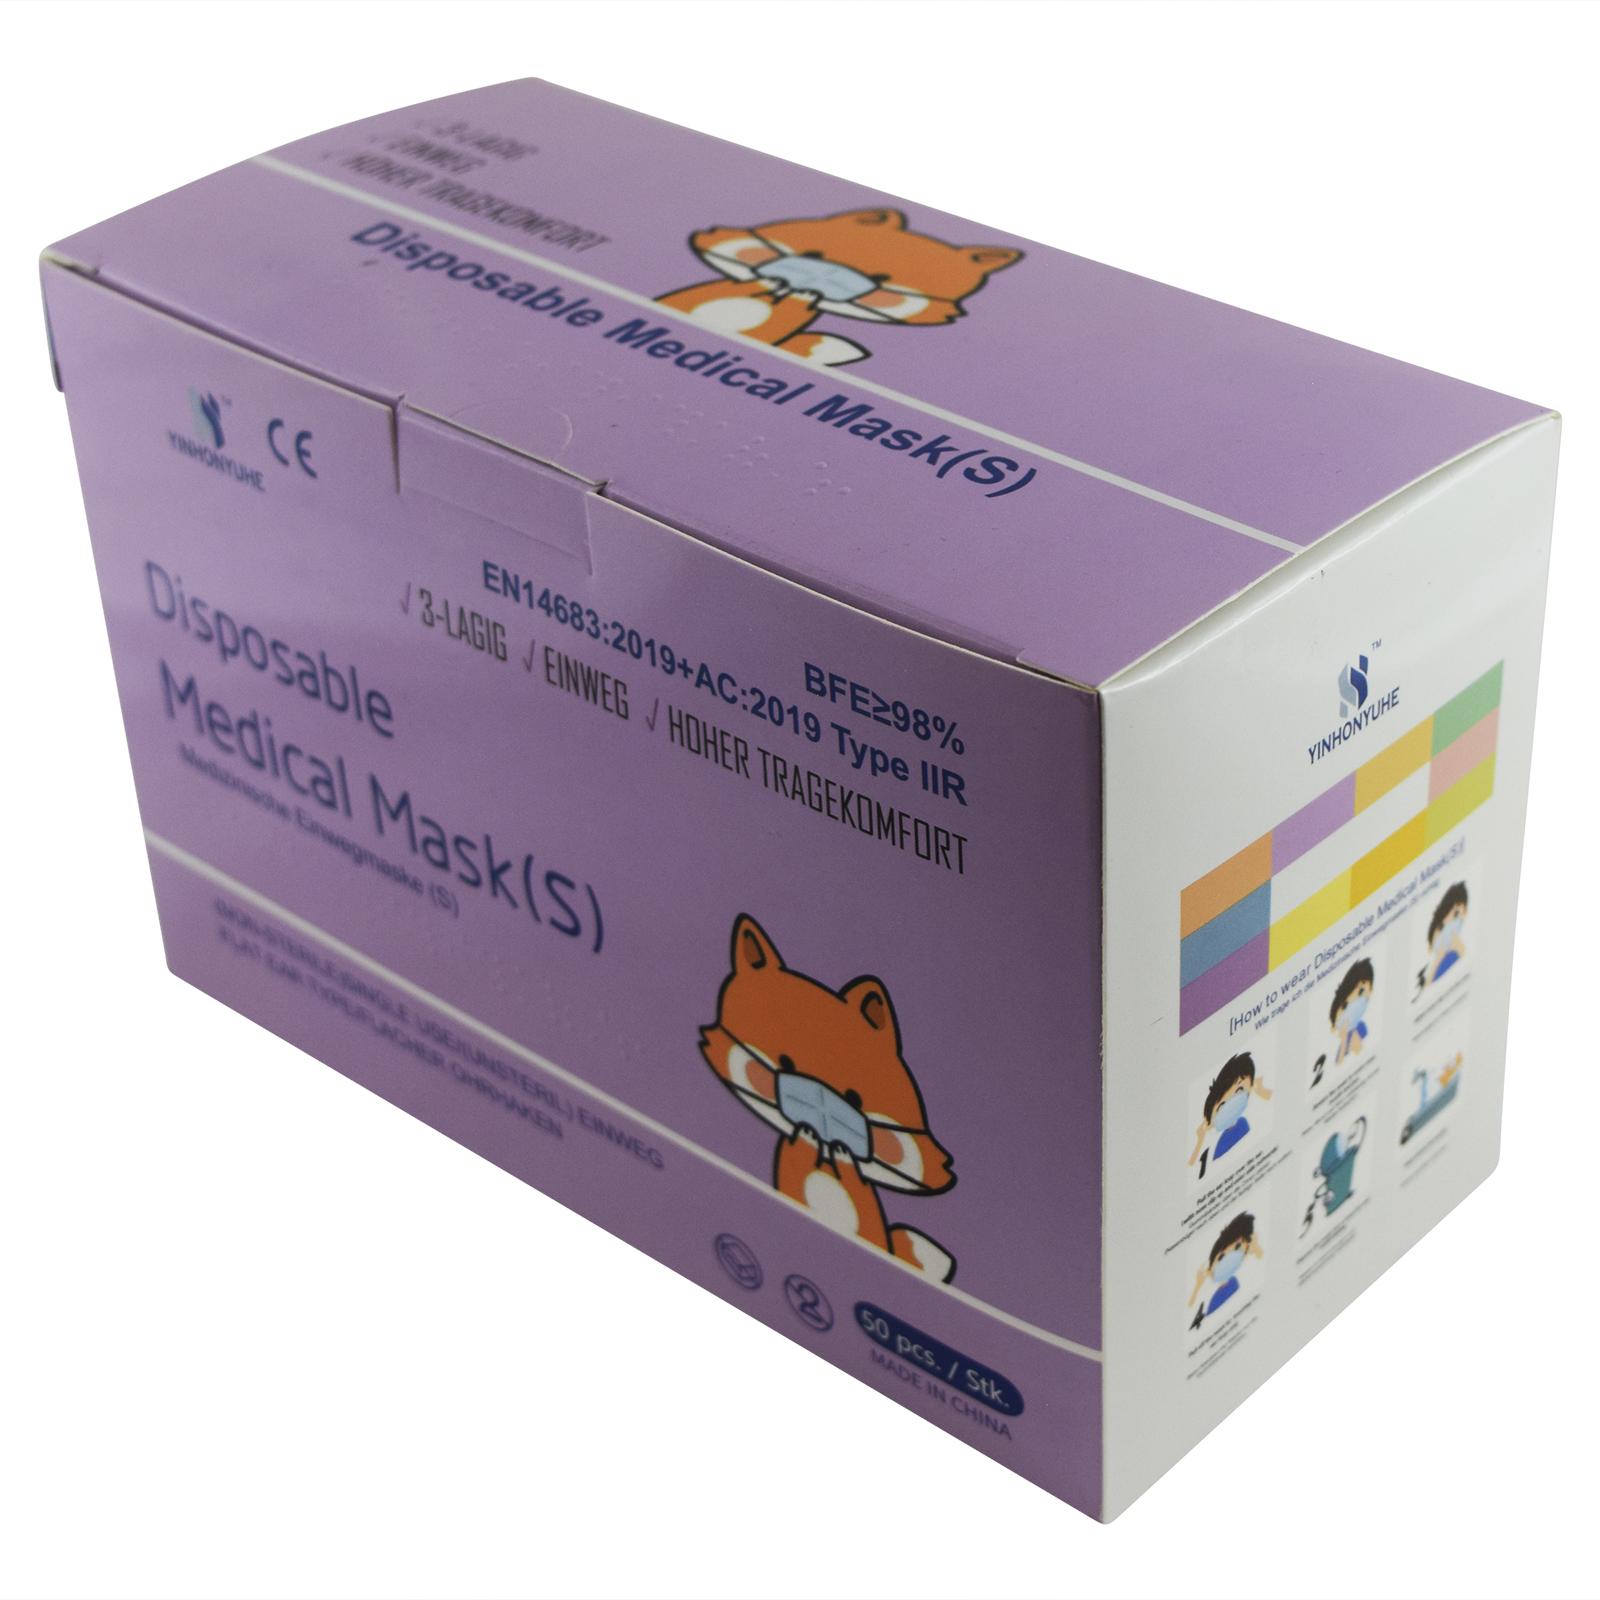 Indexbild 11 - 50 Kindermasken medizinisch oder Mund-Nasen-Bedeckung Mundschutz Einweg 3 Lagig